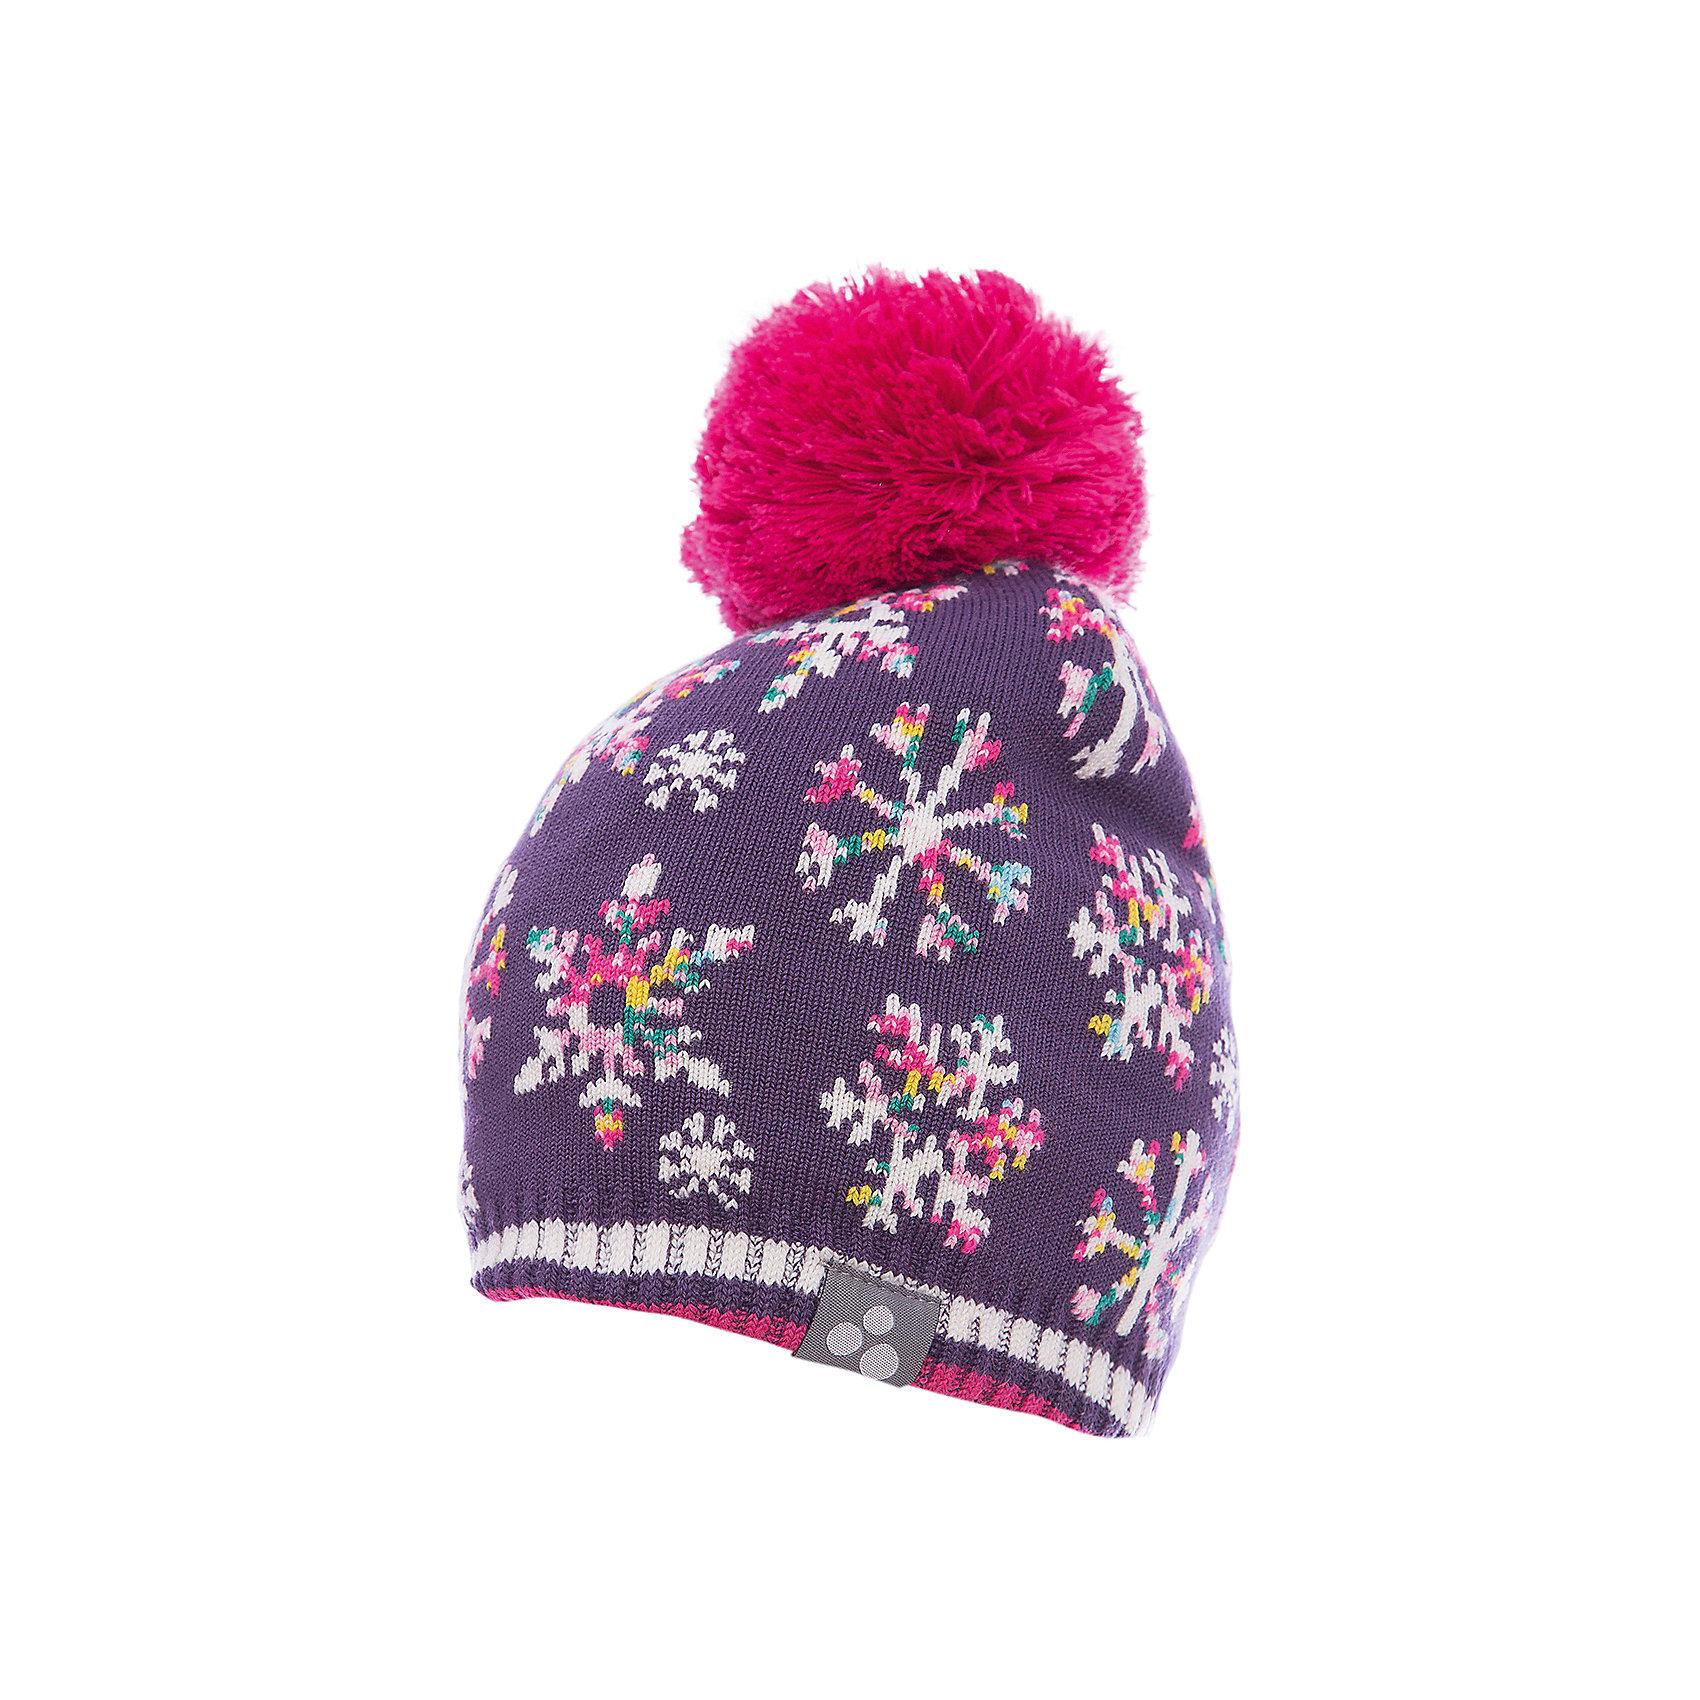 Шапка Huppa FlakeГоловные уборы<br>Вязаная детская шапка FLAKE.Теплая яркая вязанная шапочка c помпоном, прекрассно подойдет для повседневных прогулок в холодную погоду.<br>Состав:<br>50% мерс.шерсть, 50% акрил<br><br>Ширина мм: 89<br>Глубина мм: 117<br>Высота мм: 44<br>Вес г: 155<br>Цвет: лиловый<br>Возраст от месяцев: 132<br>Возраст до месяцев: 156<br>Пол: Унисекс<br>Возраст: Детский<br>Размер: 57-59,51-53,55-57,47-49<br>SKU: 7023981